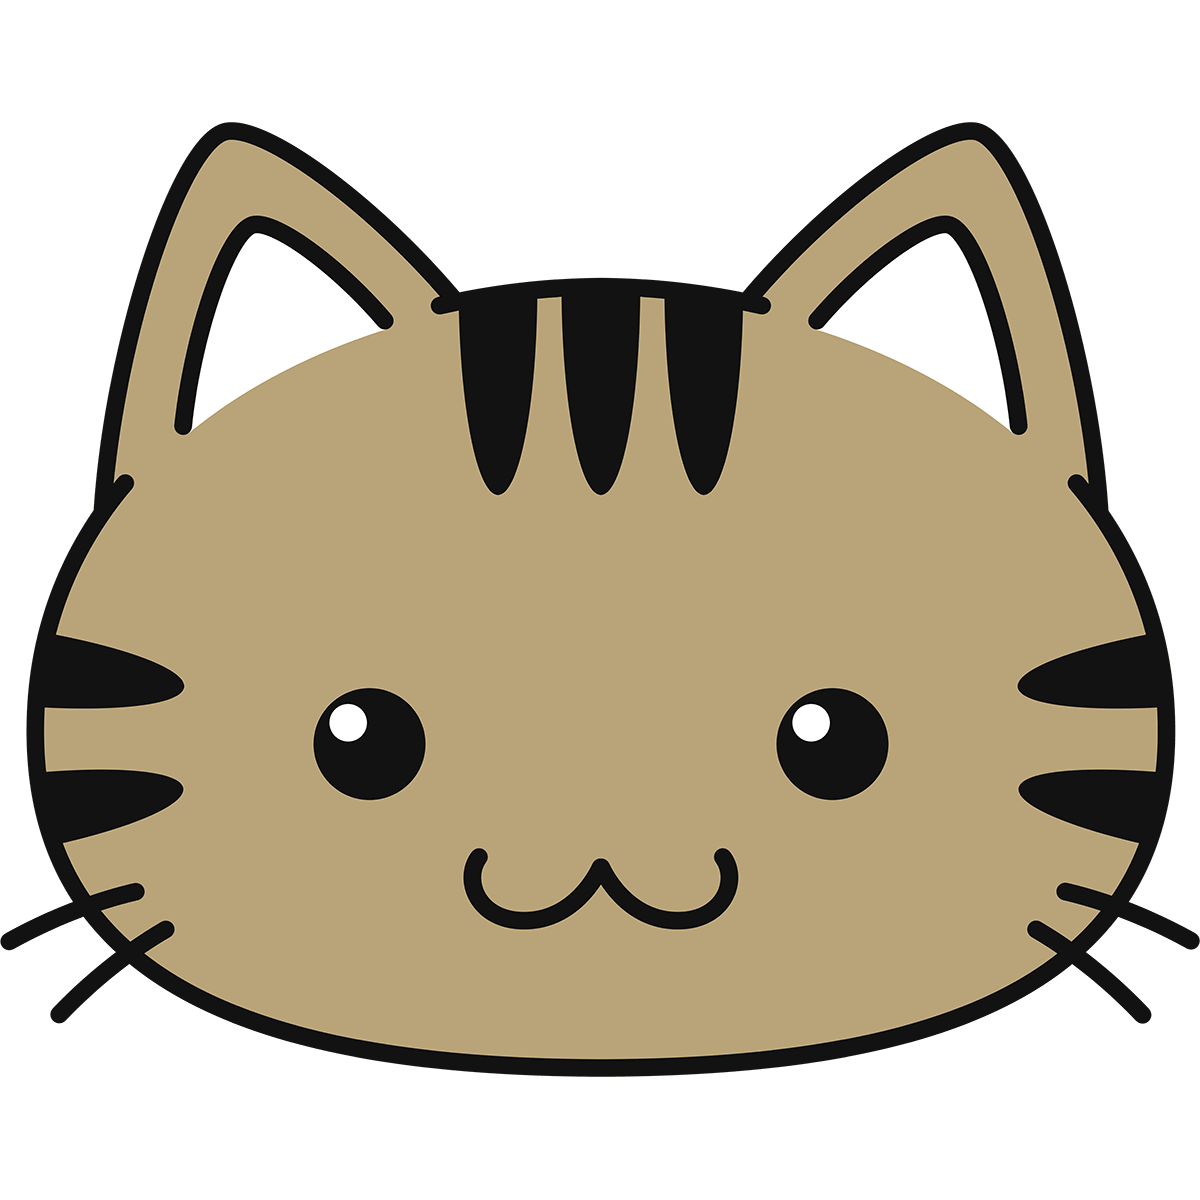 キジトラ猫の顔(丸目)の無料イラスト